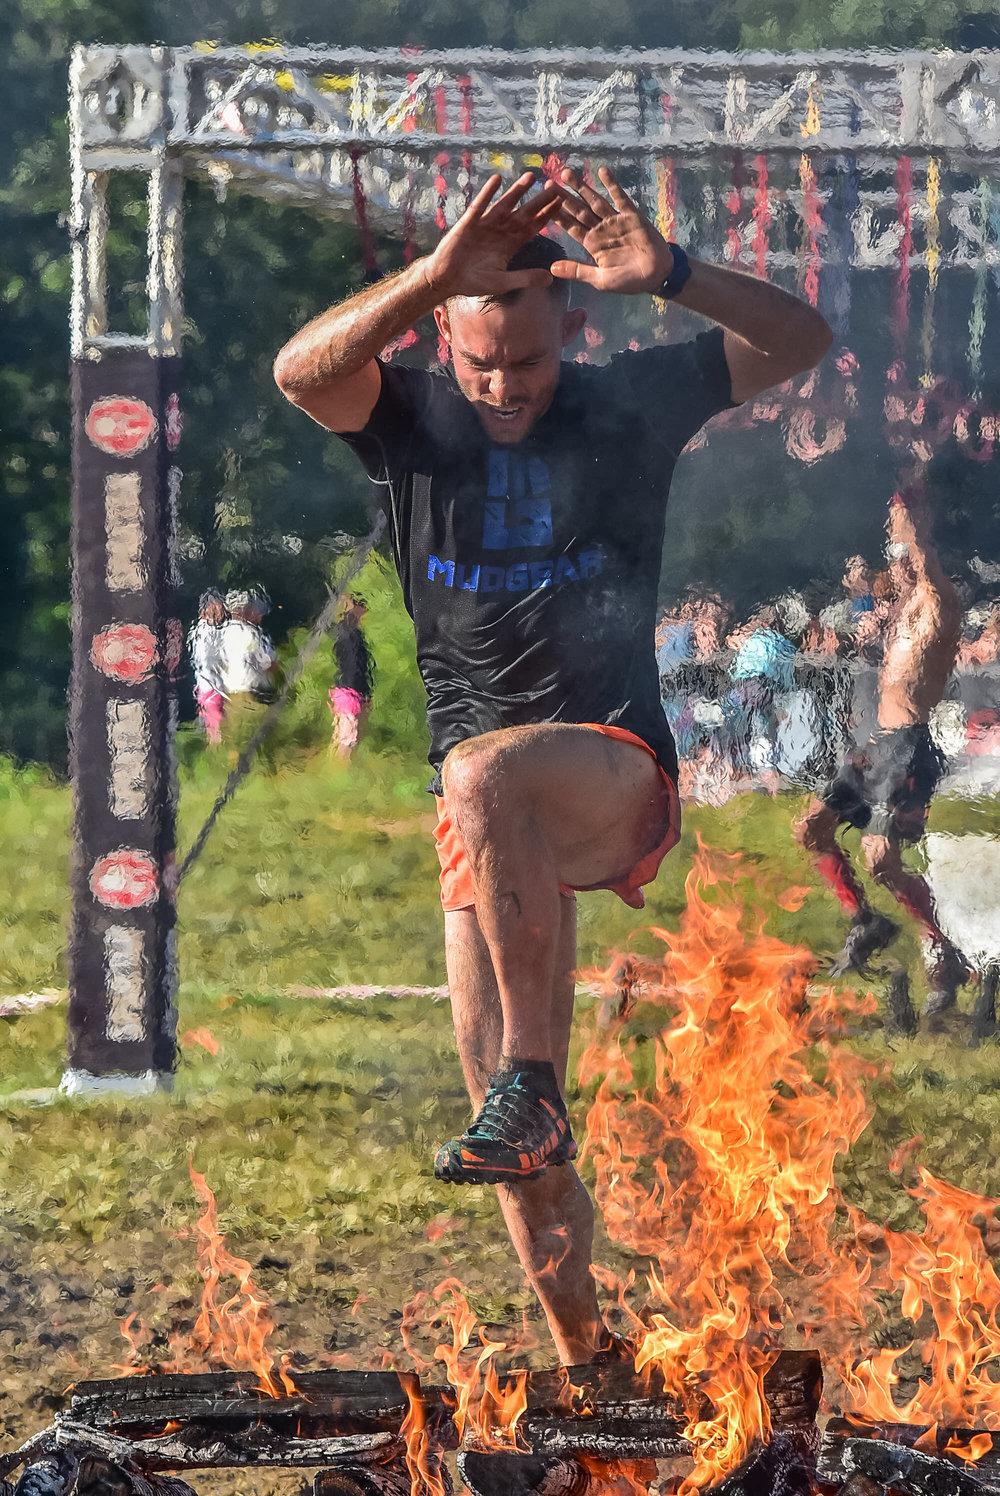 Spartan Asheville Fire Jump 2017 2